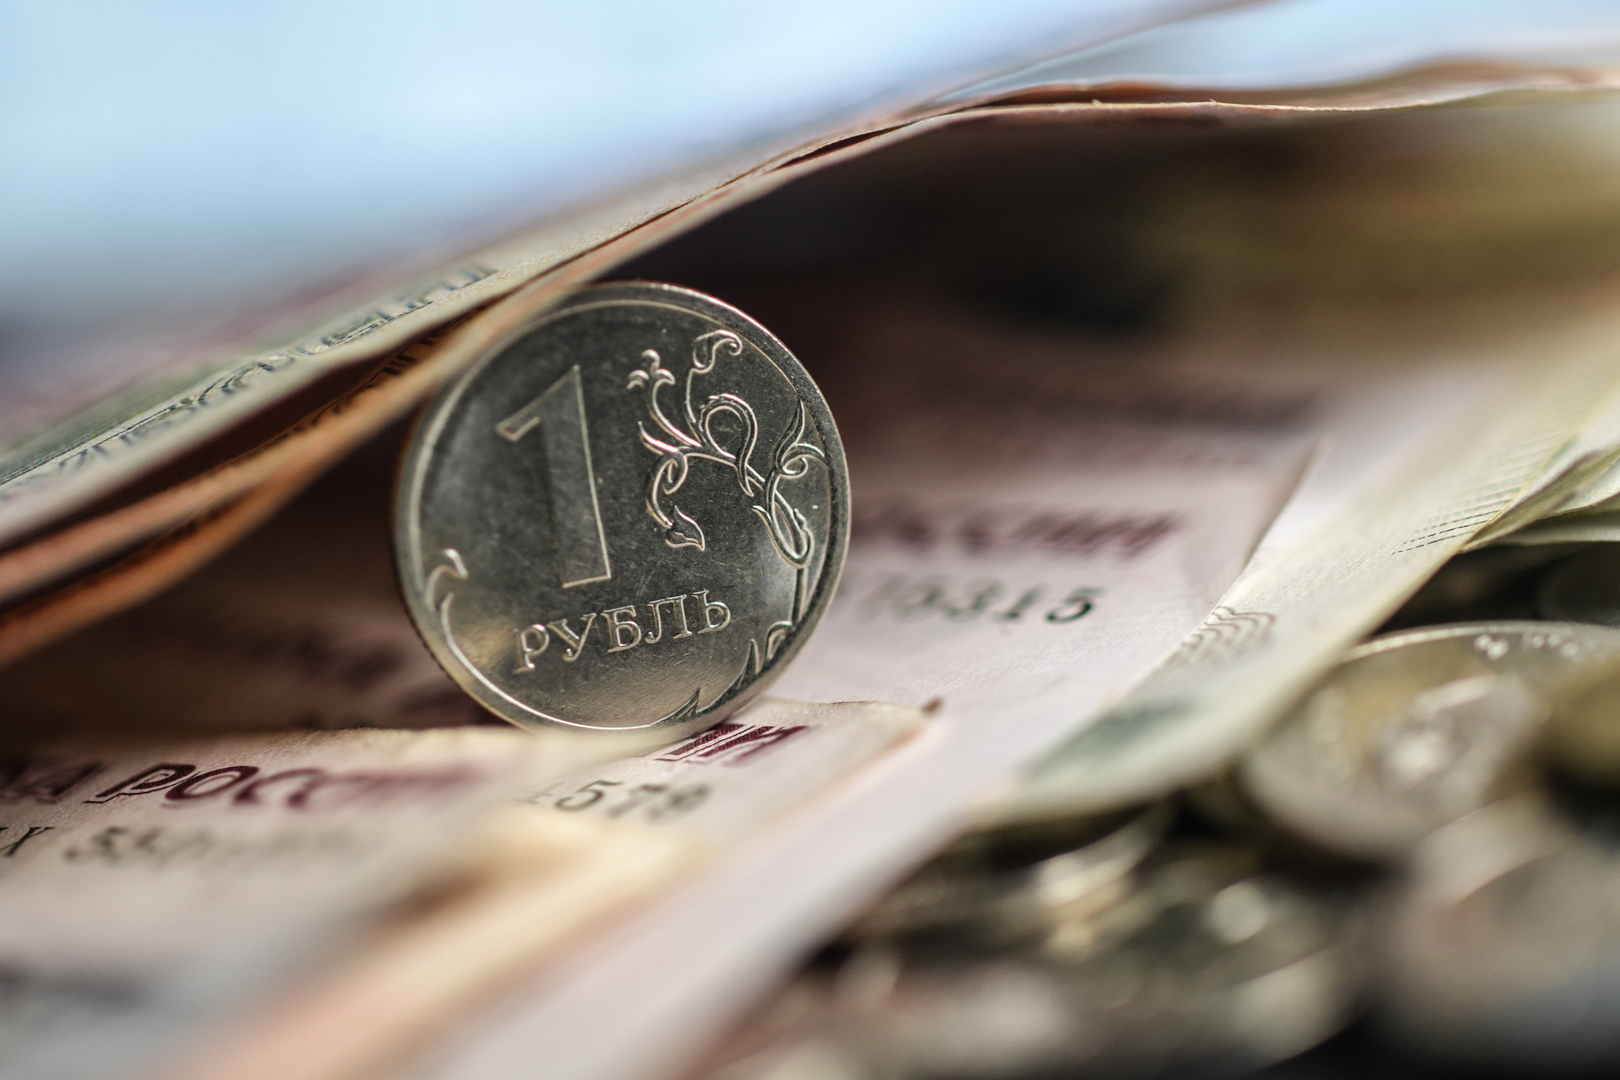 رئيسة البنك المركزي الروسي: الاقتصاد الوطني تعافى من أزمة كورونا